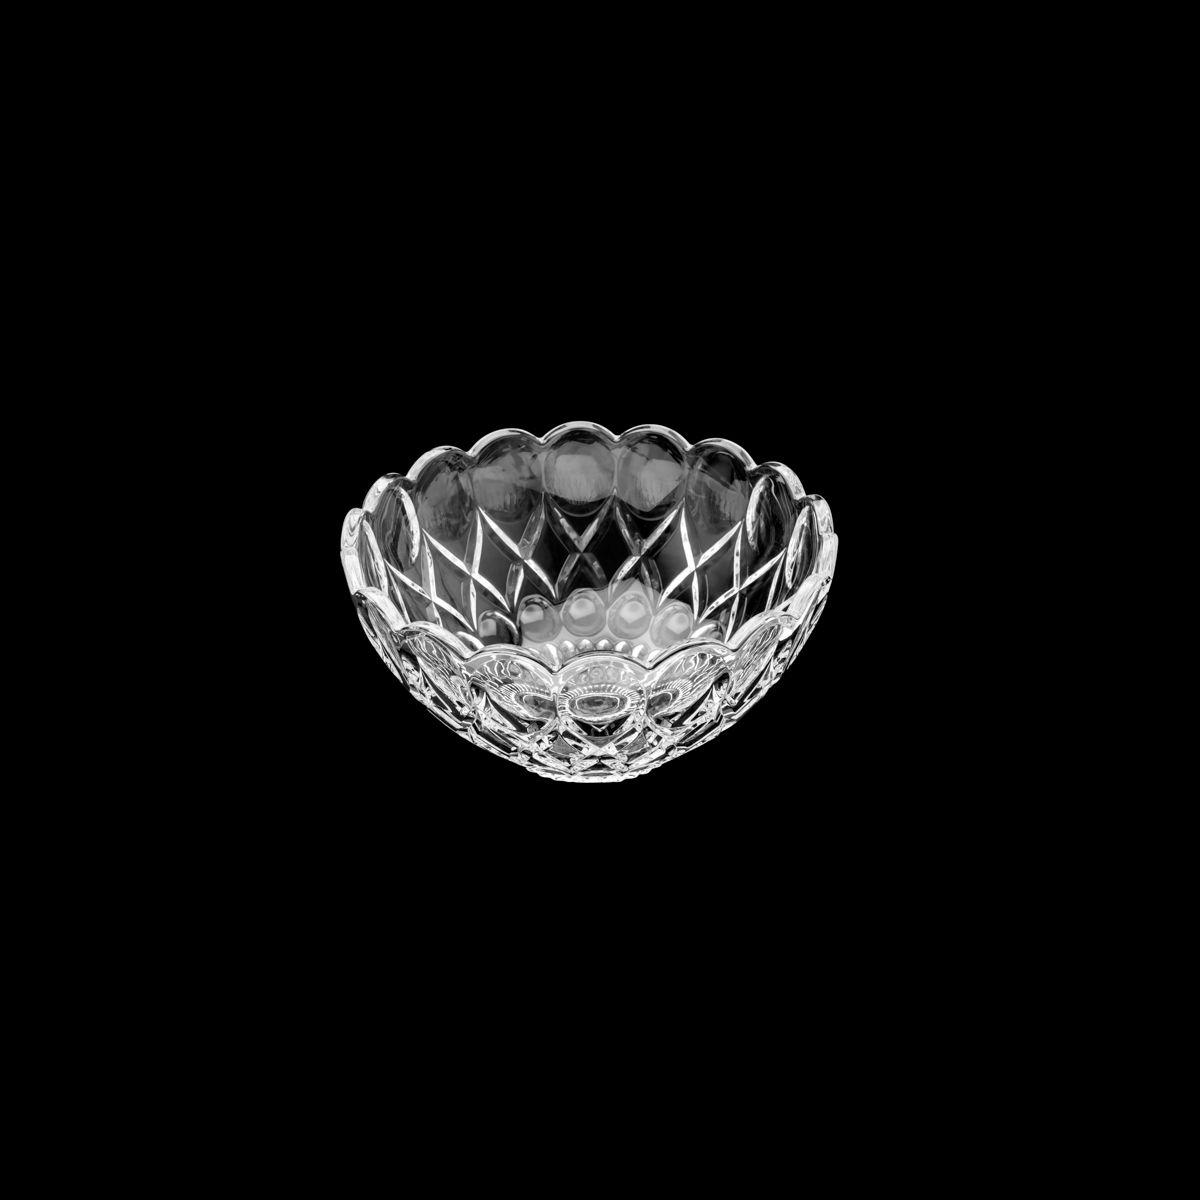 Centro de mesa 21,5 cm de cristal transparente Angel Wolff - 35223